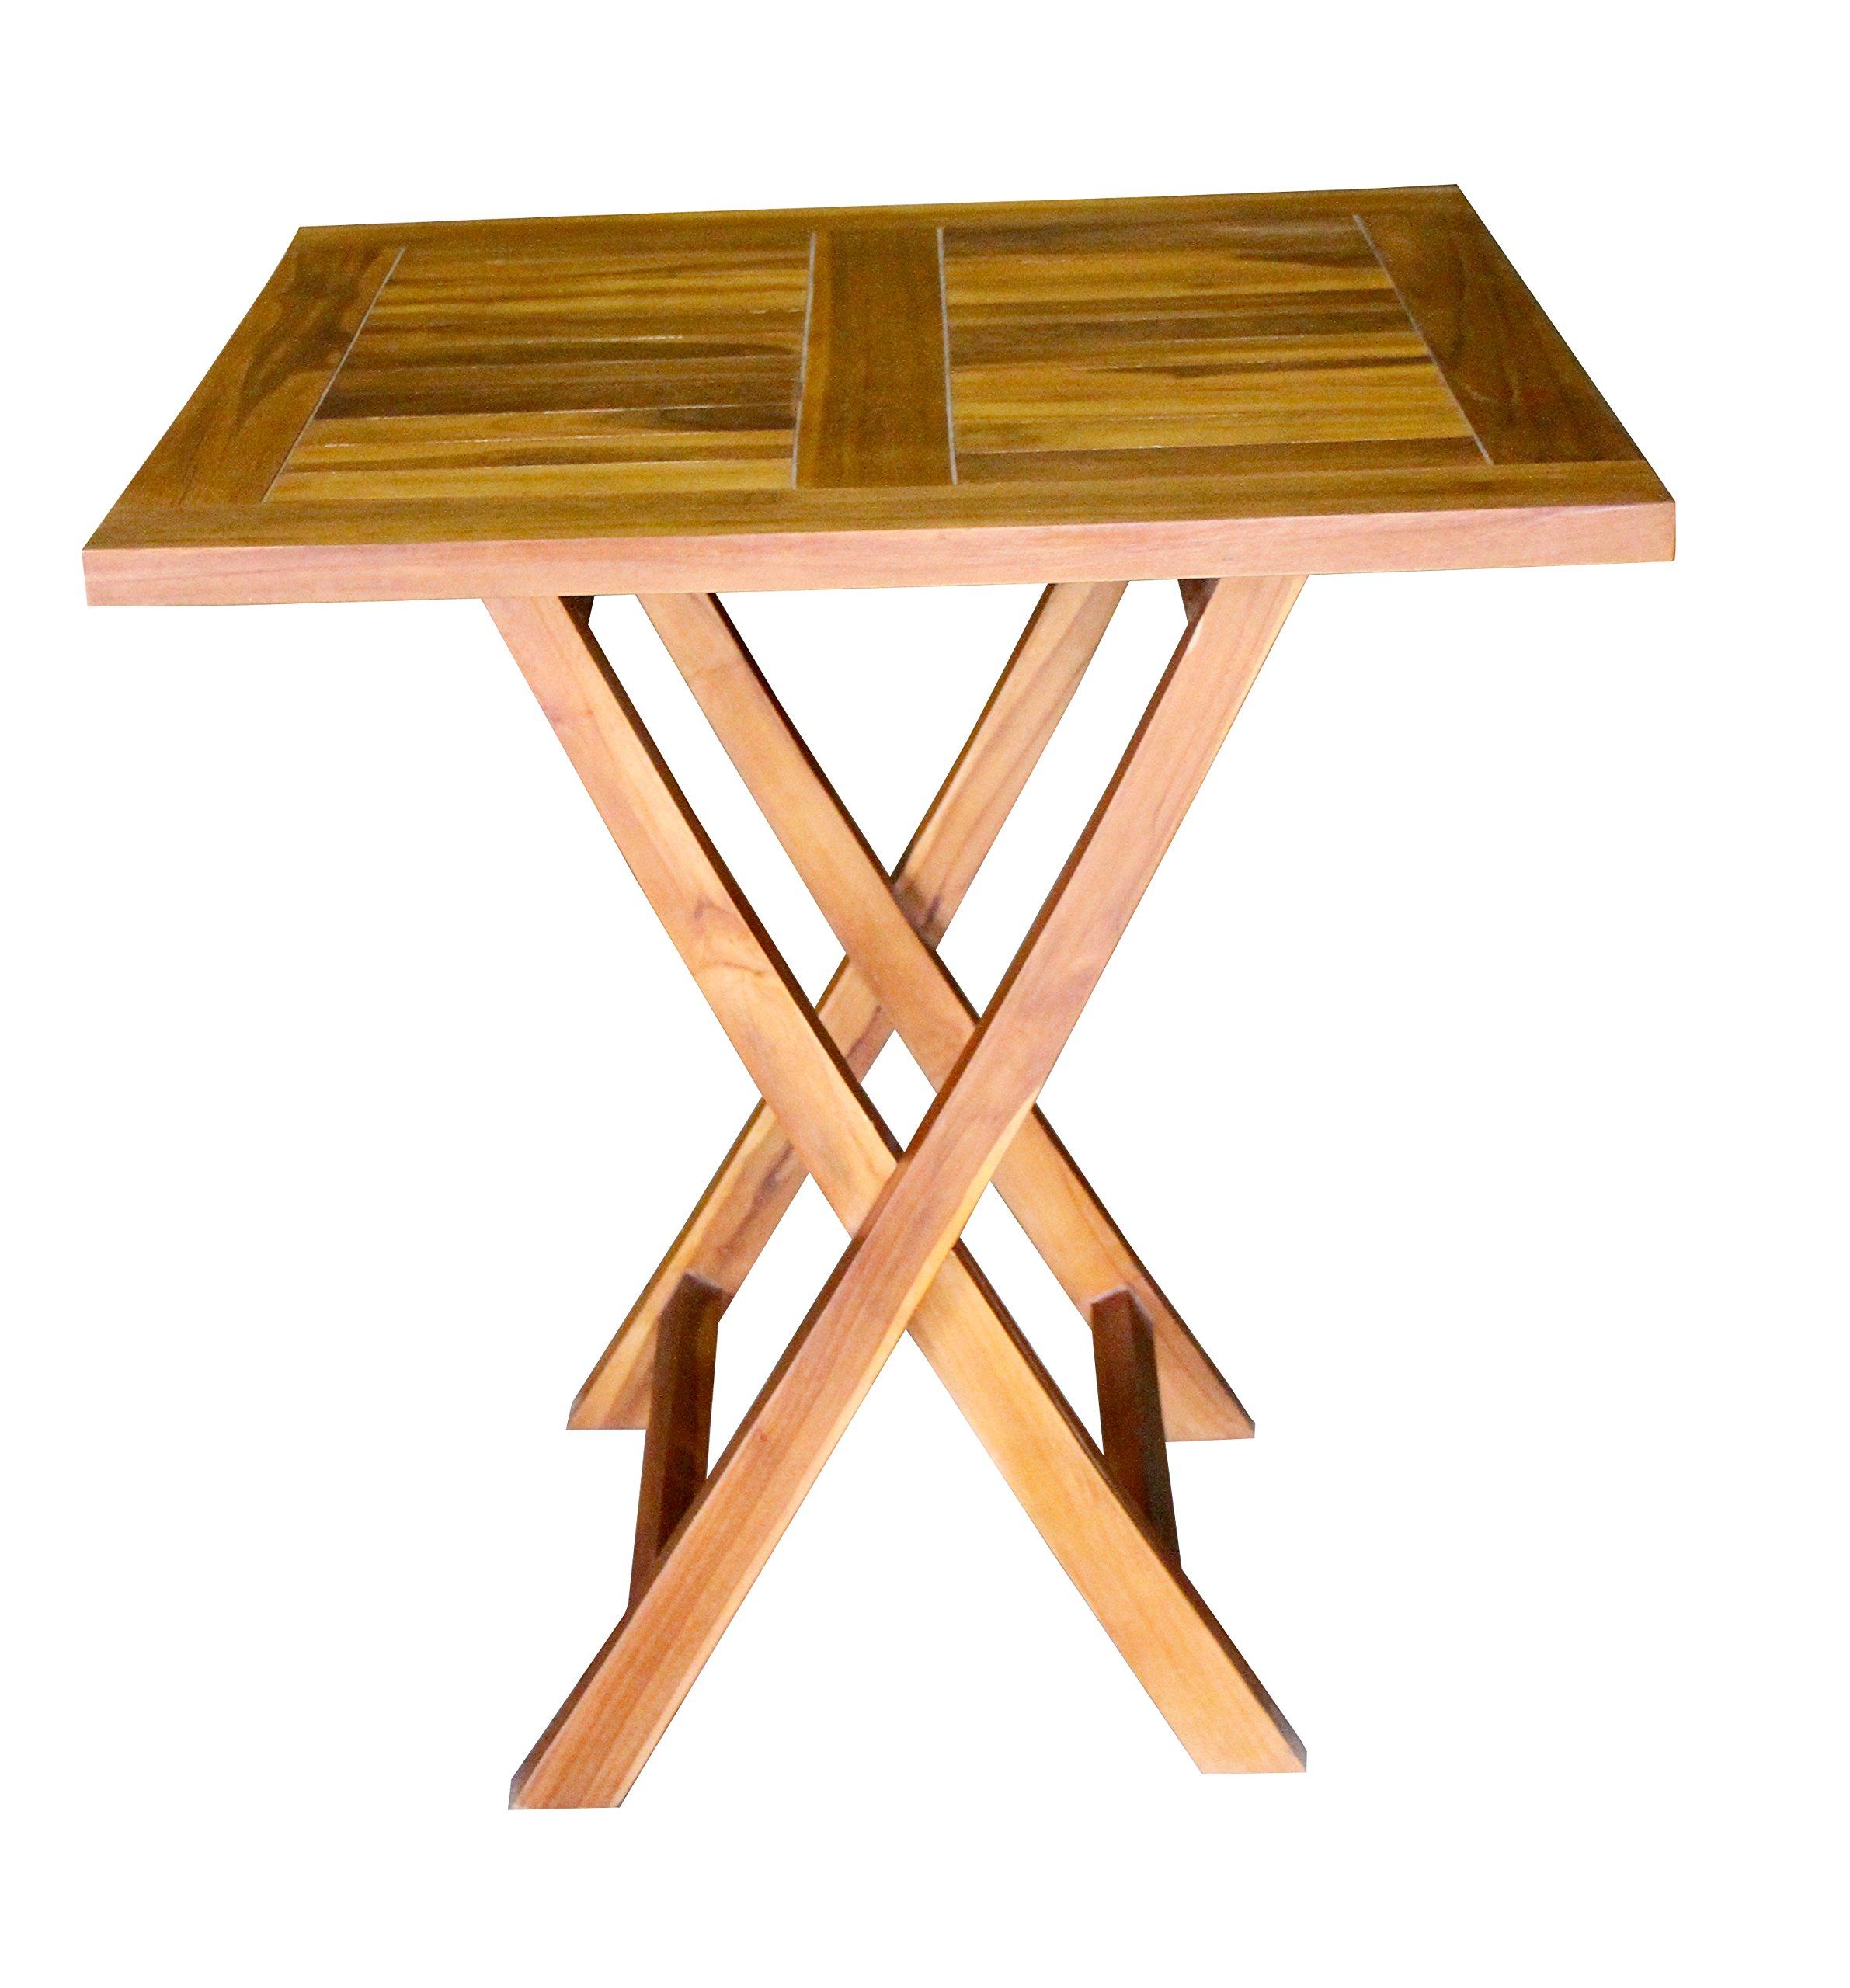 ALA TEAK Wood Patio Outside Garden Yard Folding Table Waterproof Furniture